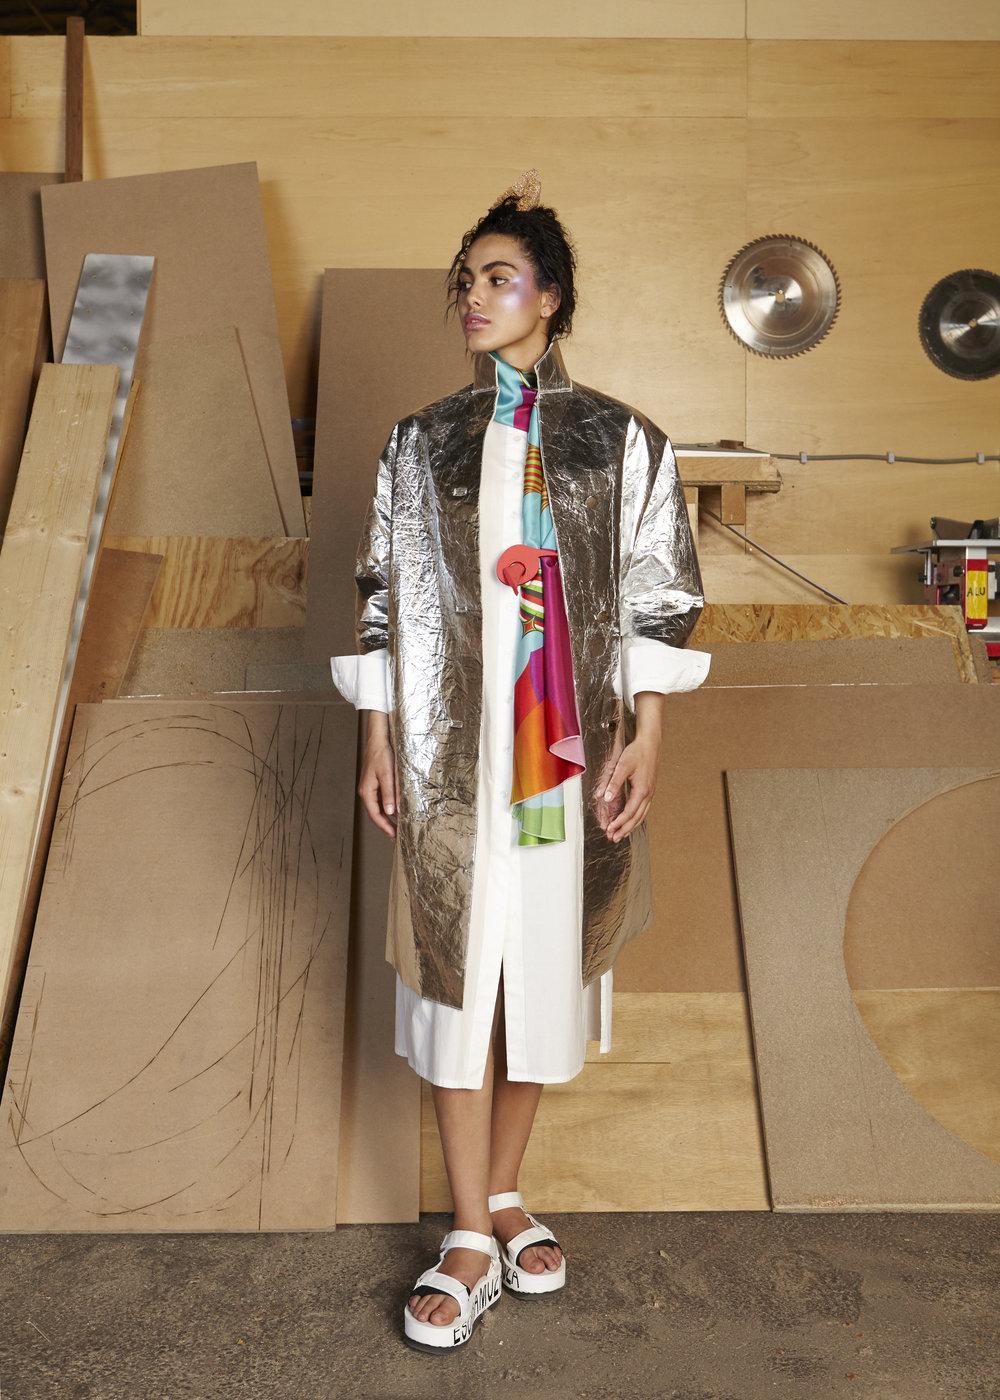 Vải sợi lá dứa - chất liệu tiềm năng cho ngành công nghiệp thời trang xanh 2